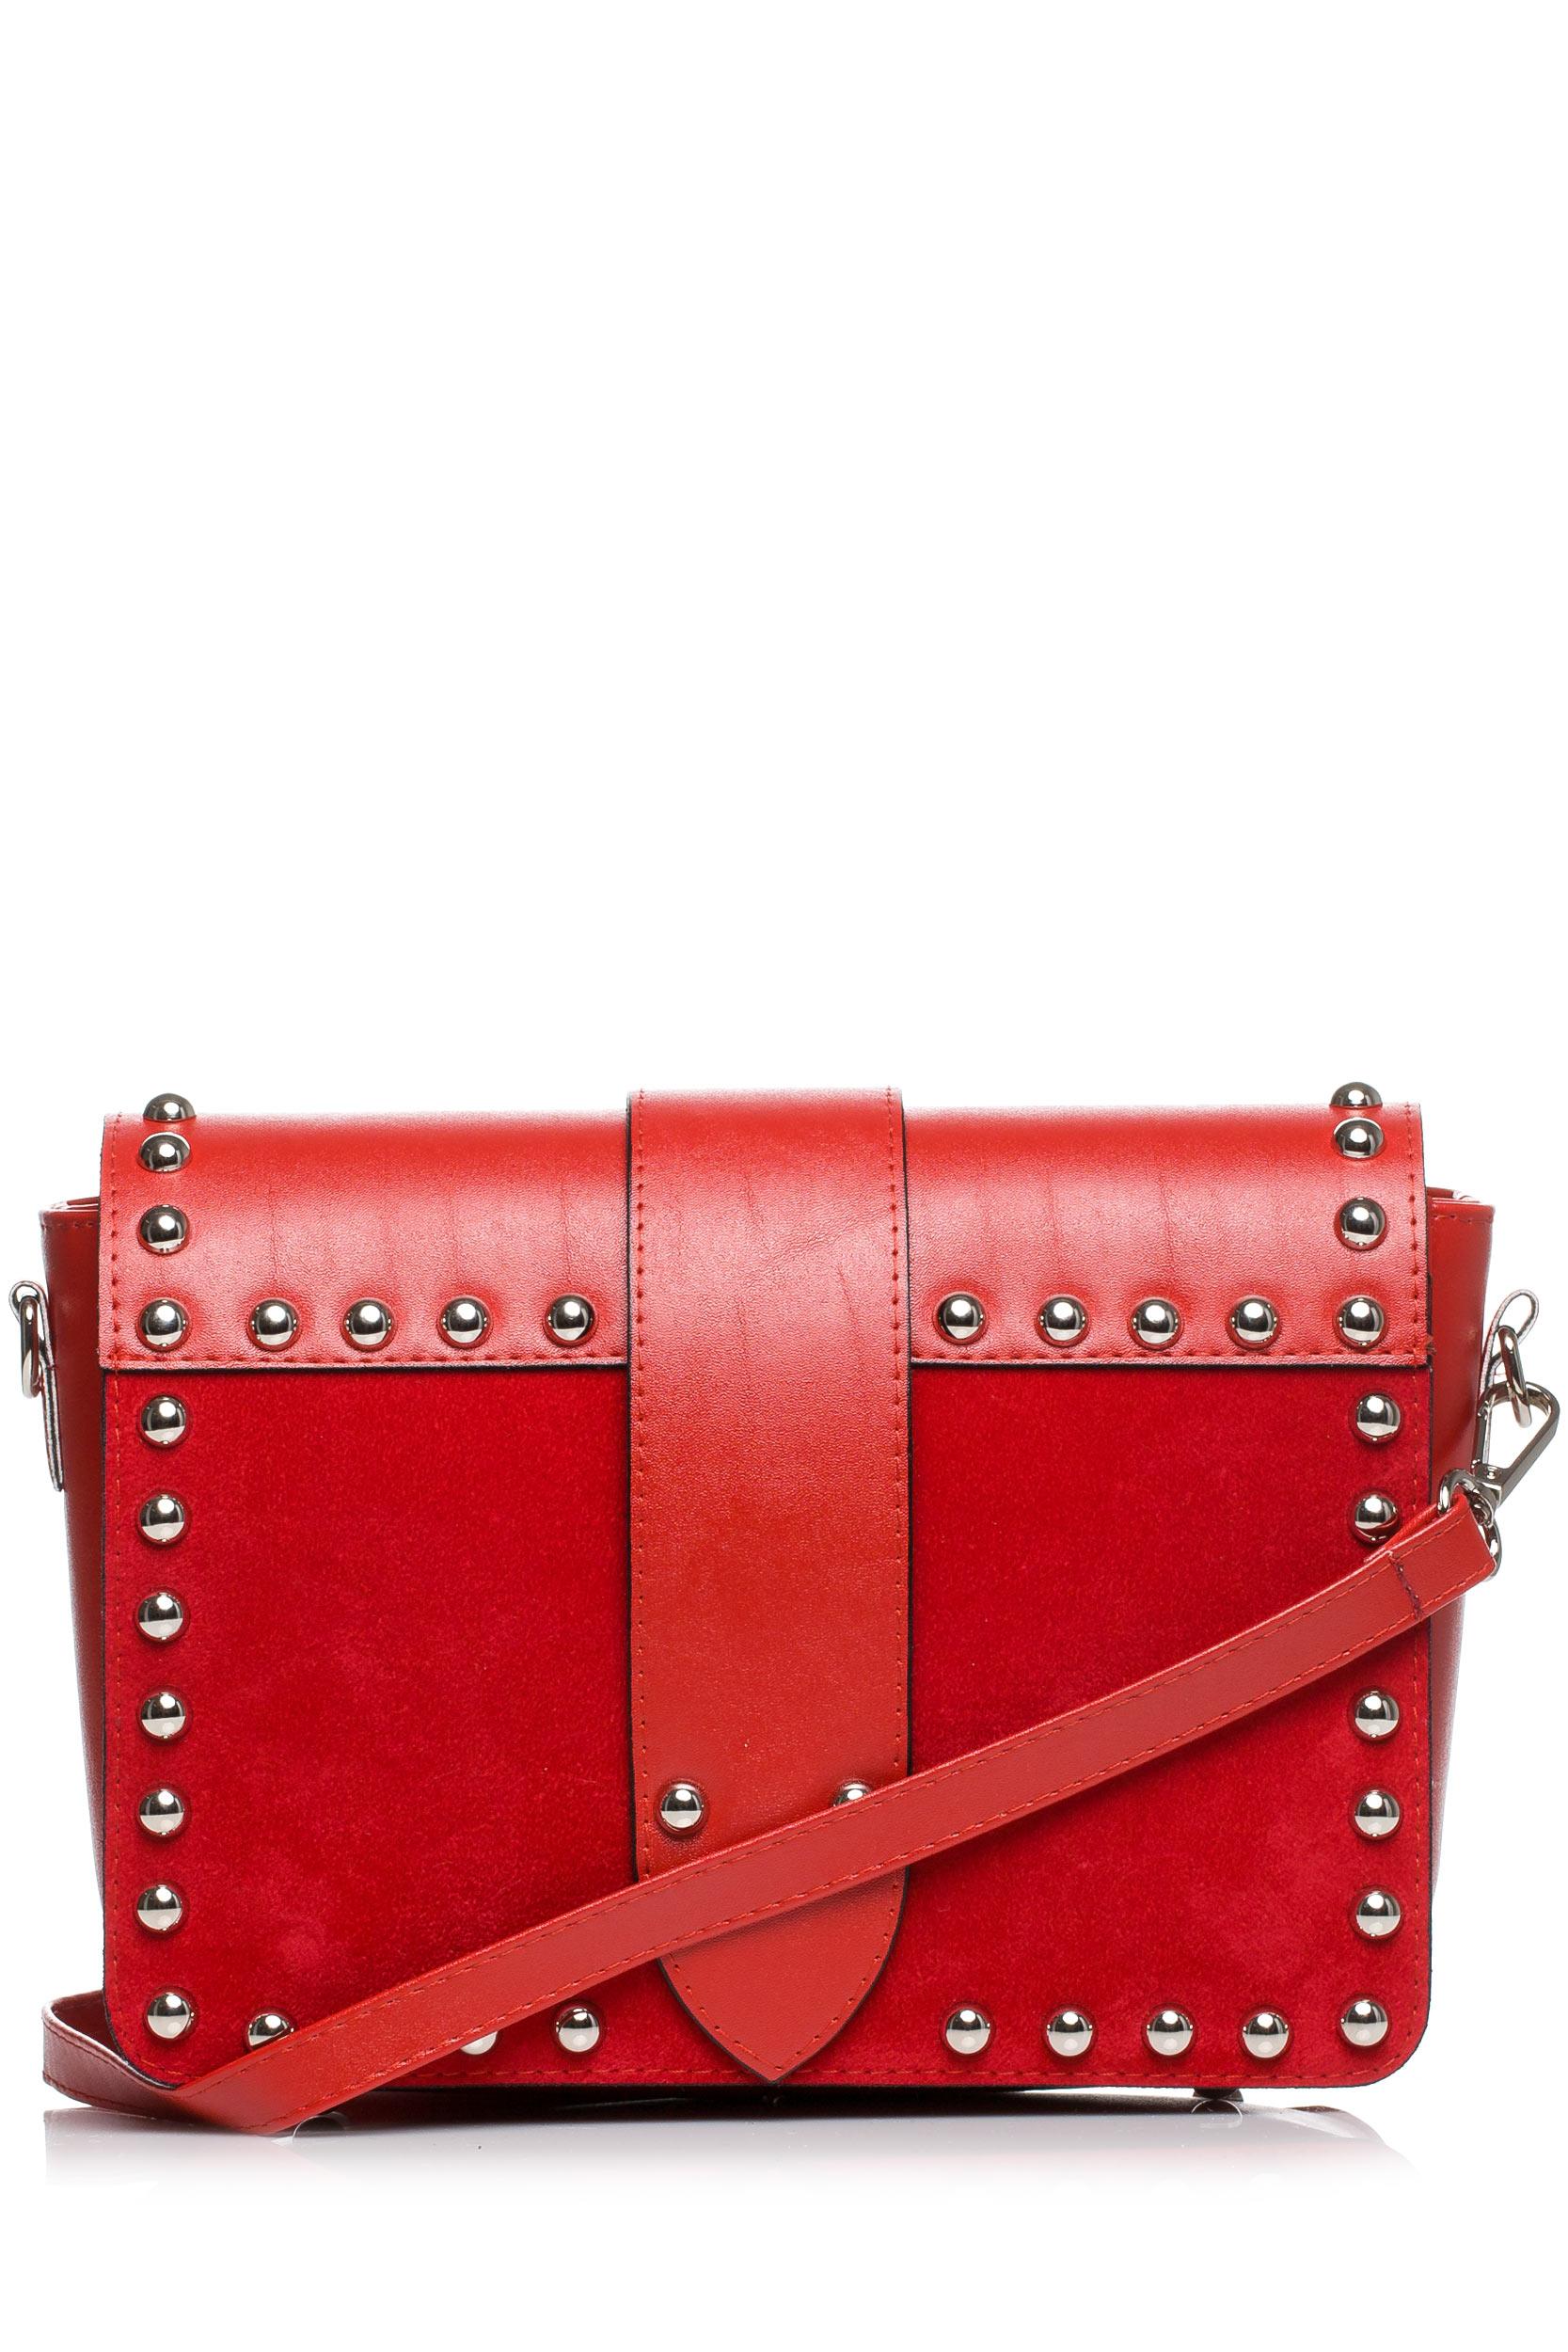 CM3575 Damska torebka z ozdobnymi nitami - czerwona